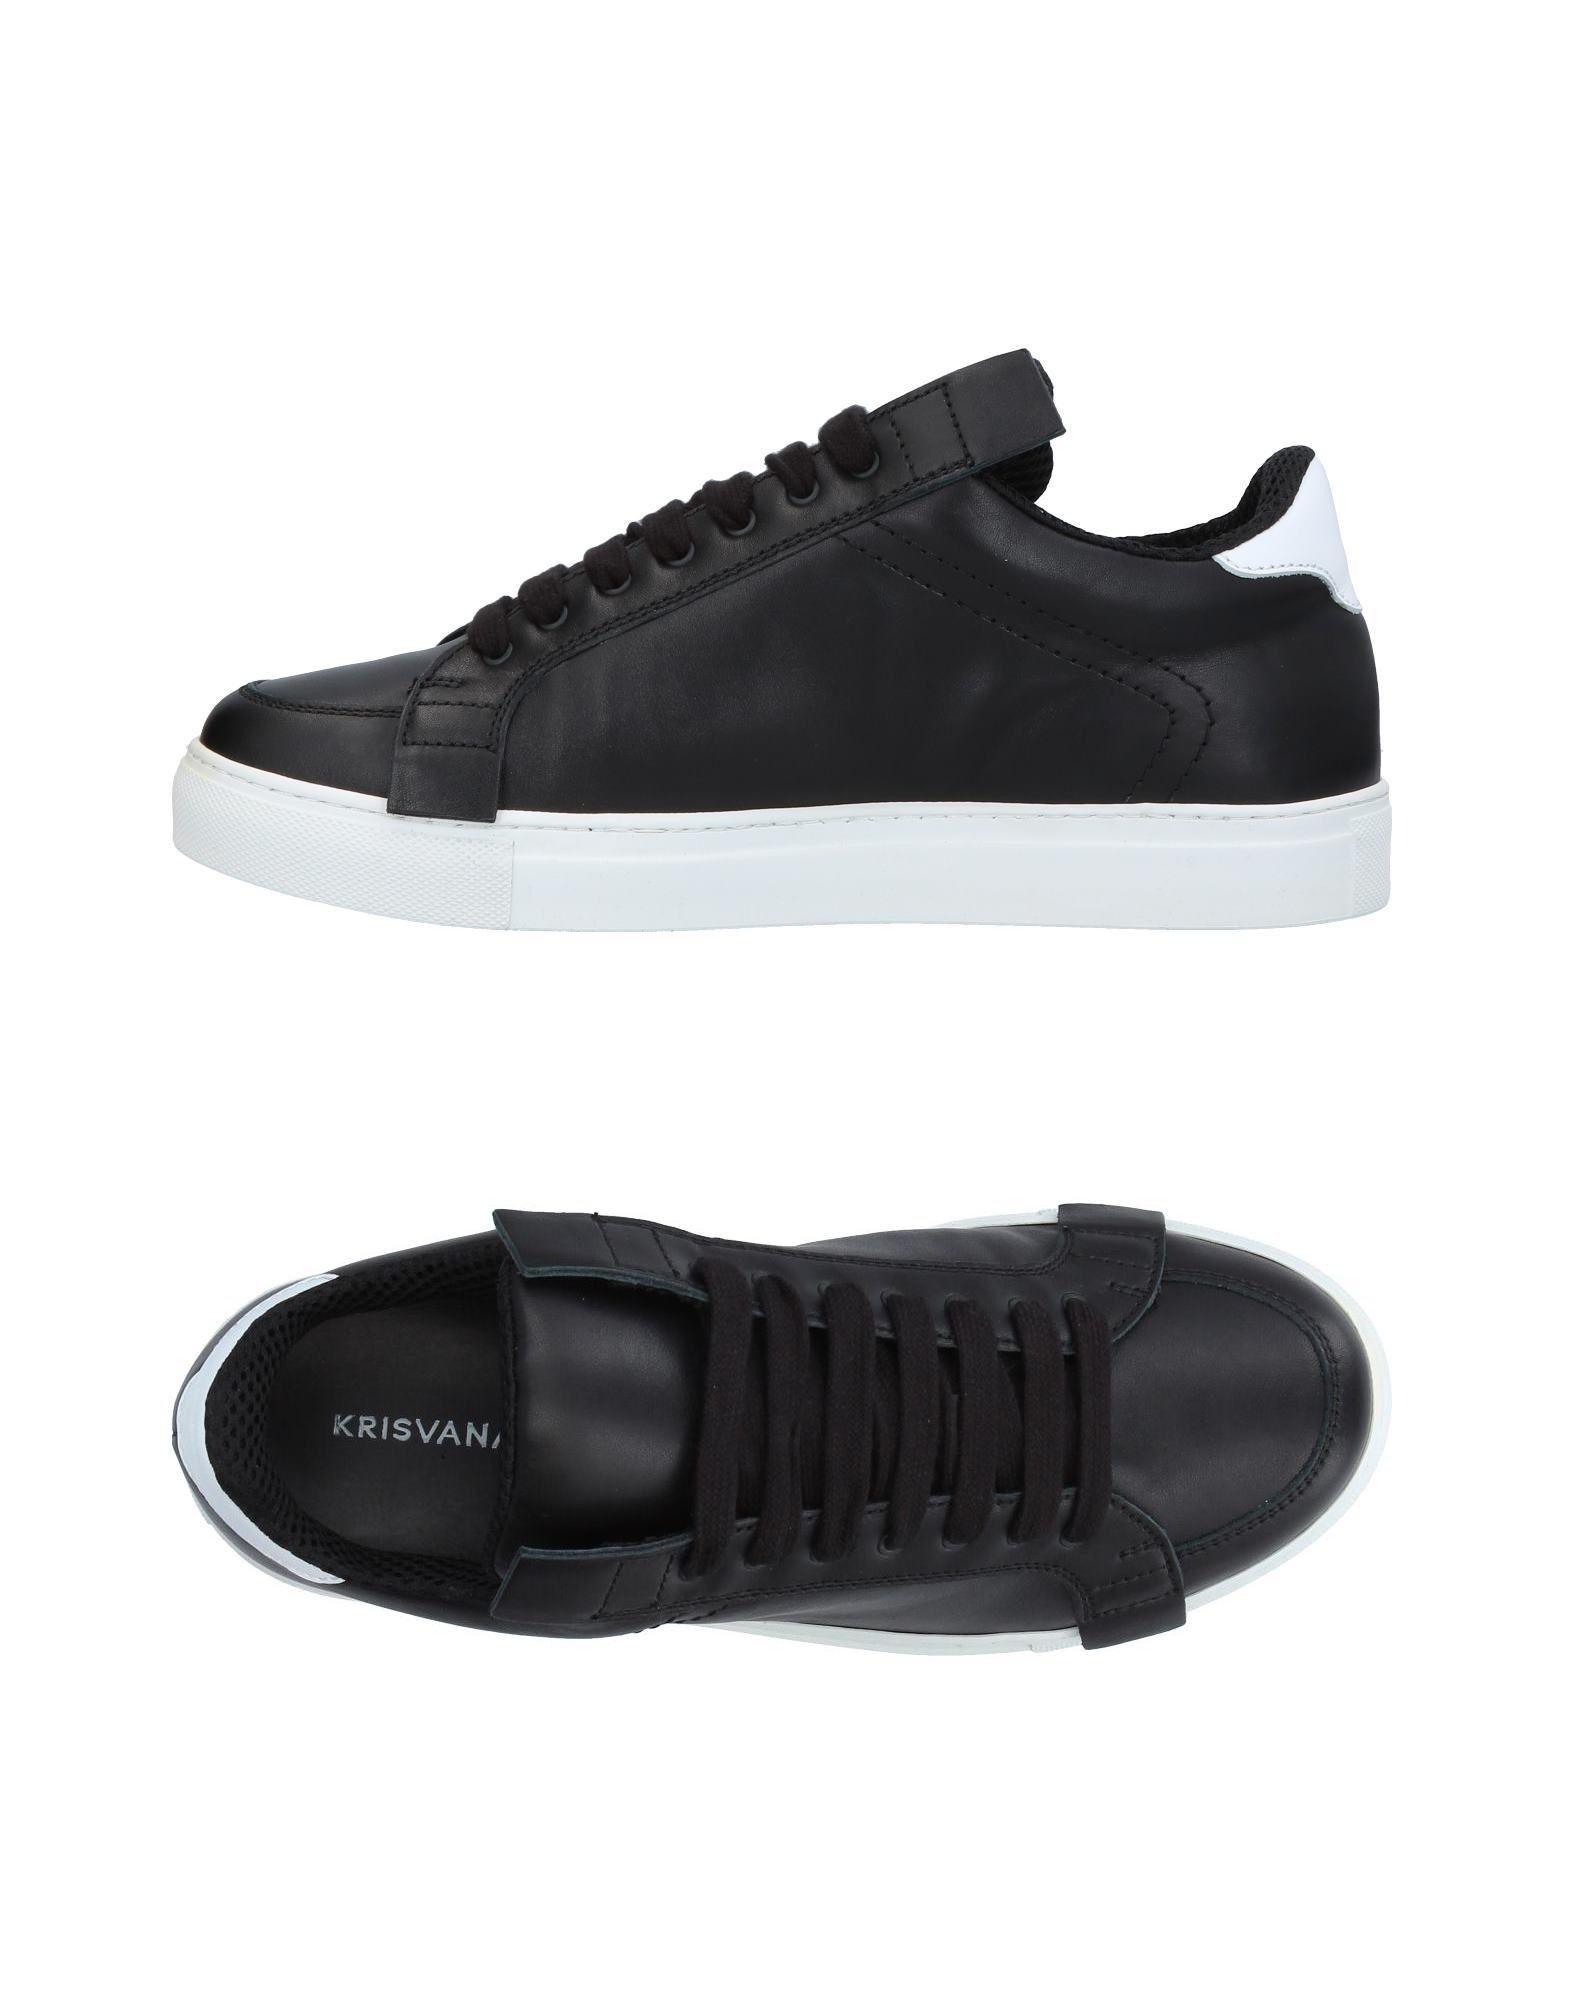 Krisvanassche Sneakers Herren  11409640OD Gute Qualität beliebte Schuhe